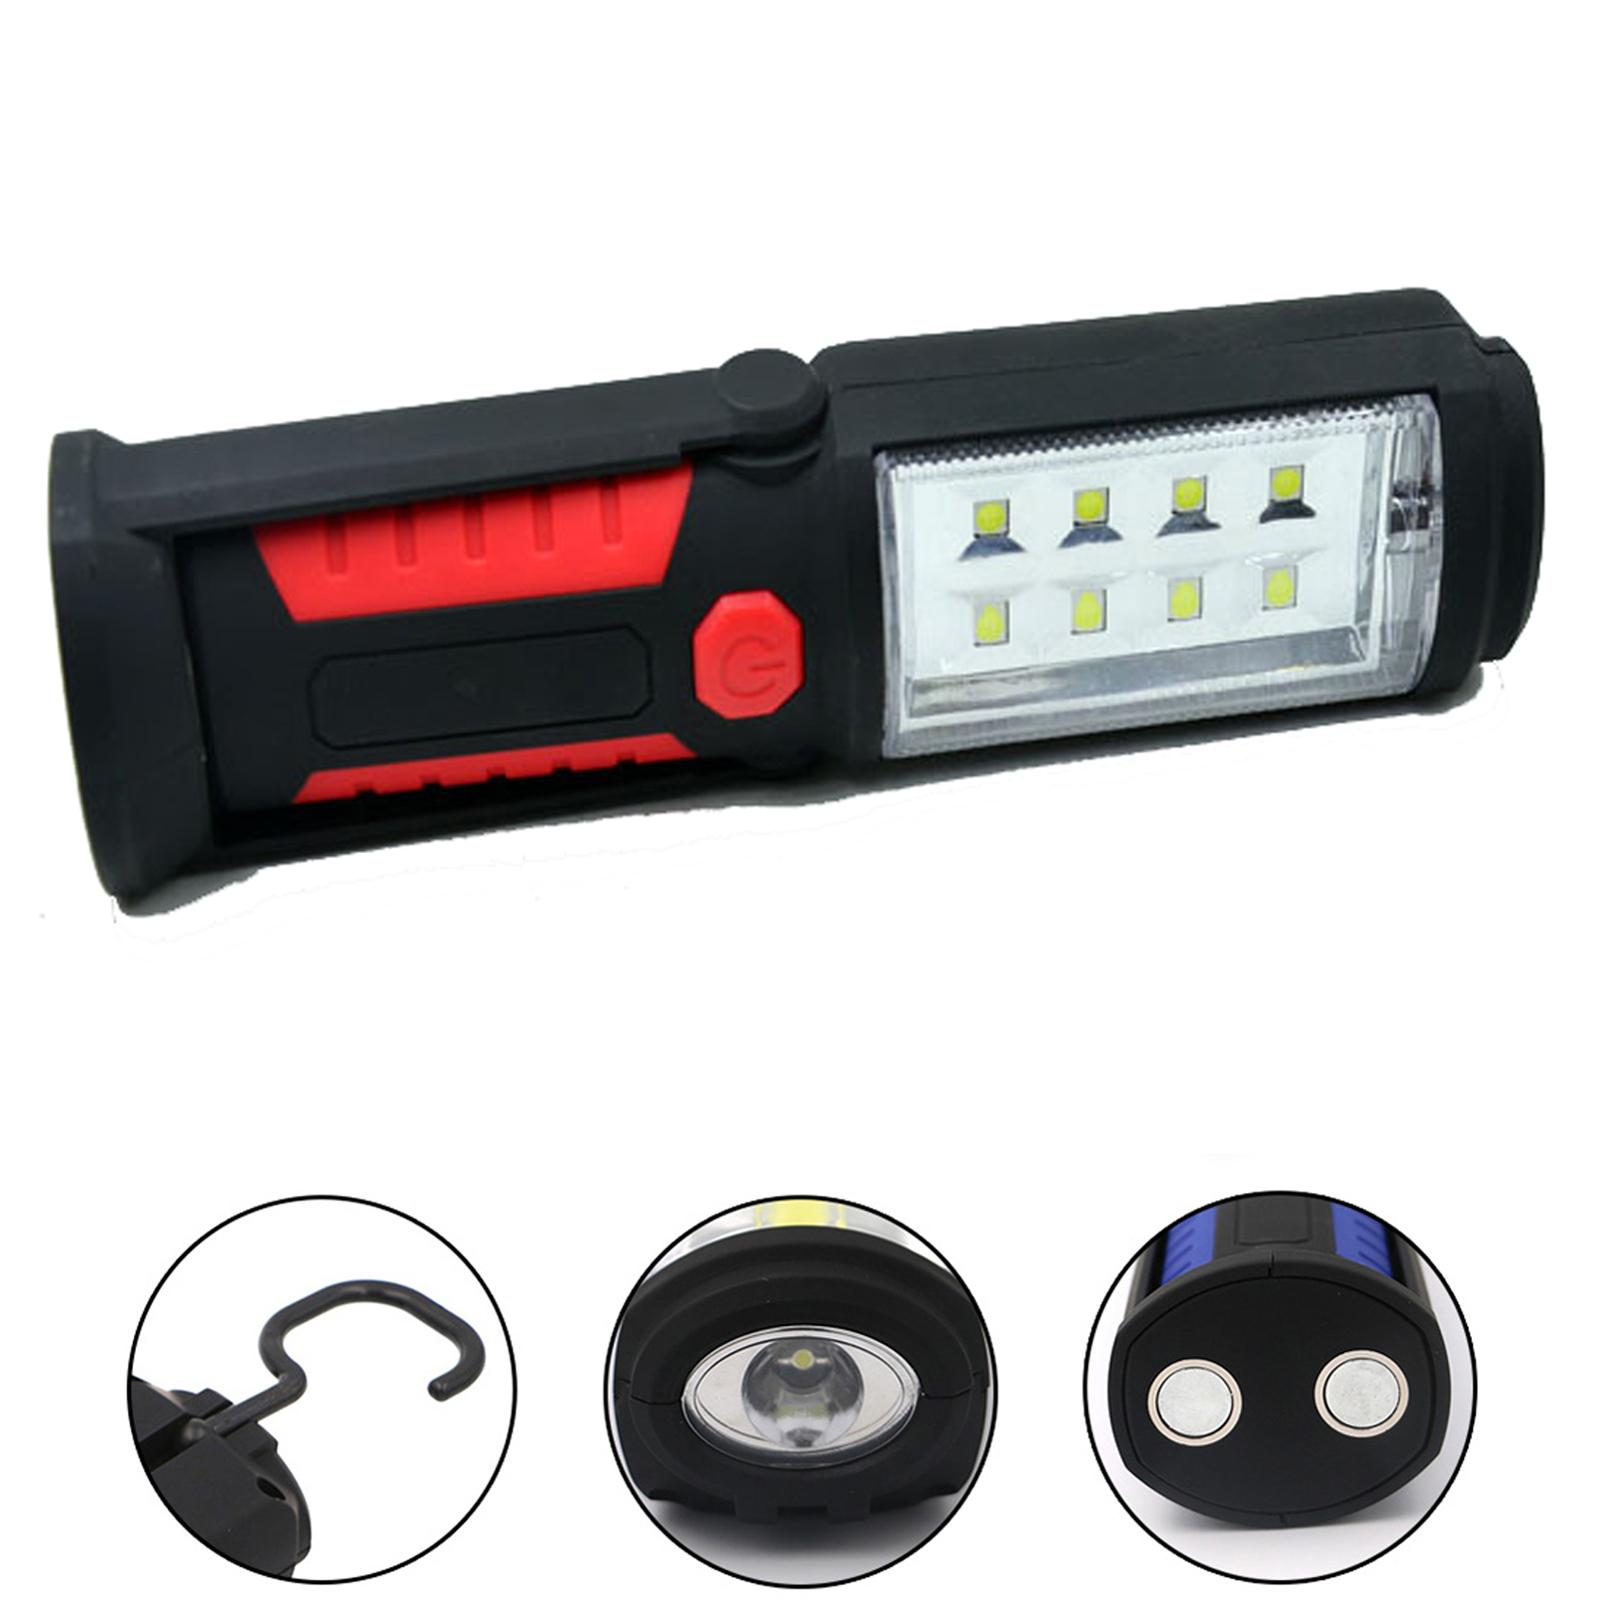 8LED Arbeitslampe Werkstattleuchte AKKU USB Stablampe Magnet Handlampe Werkstatt